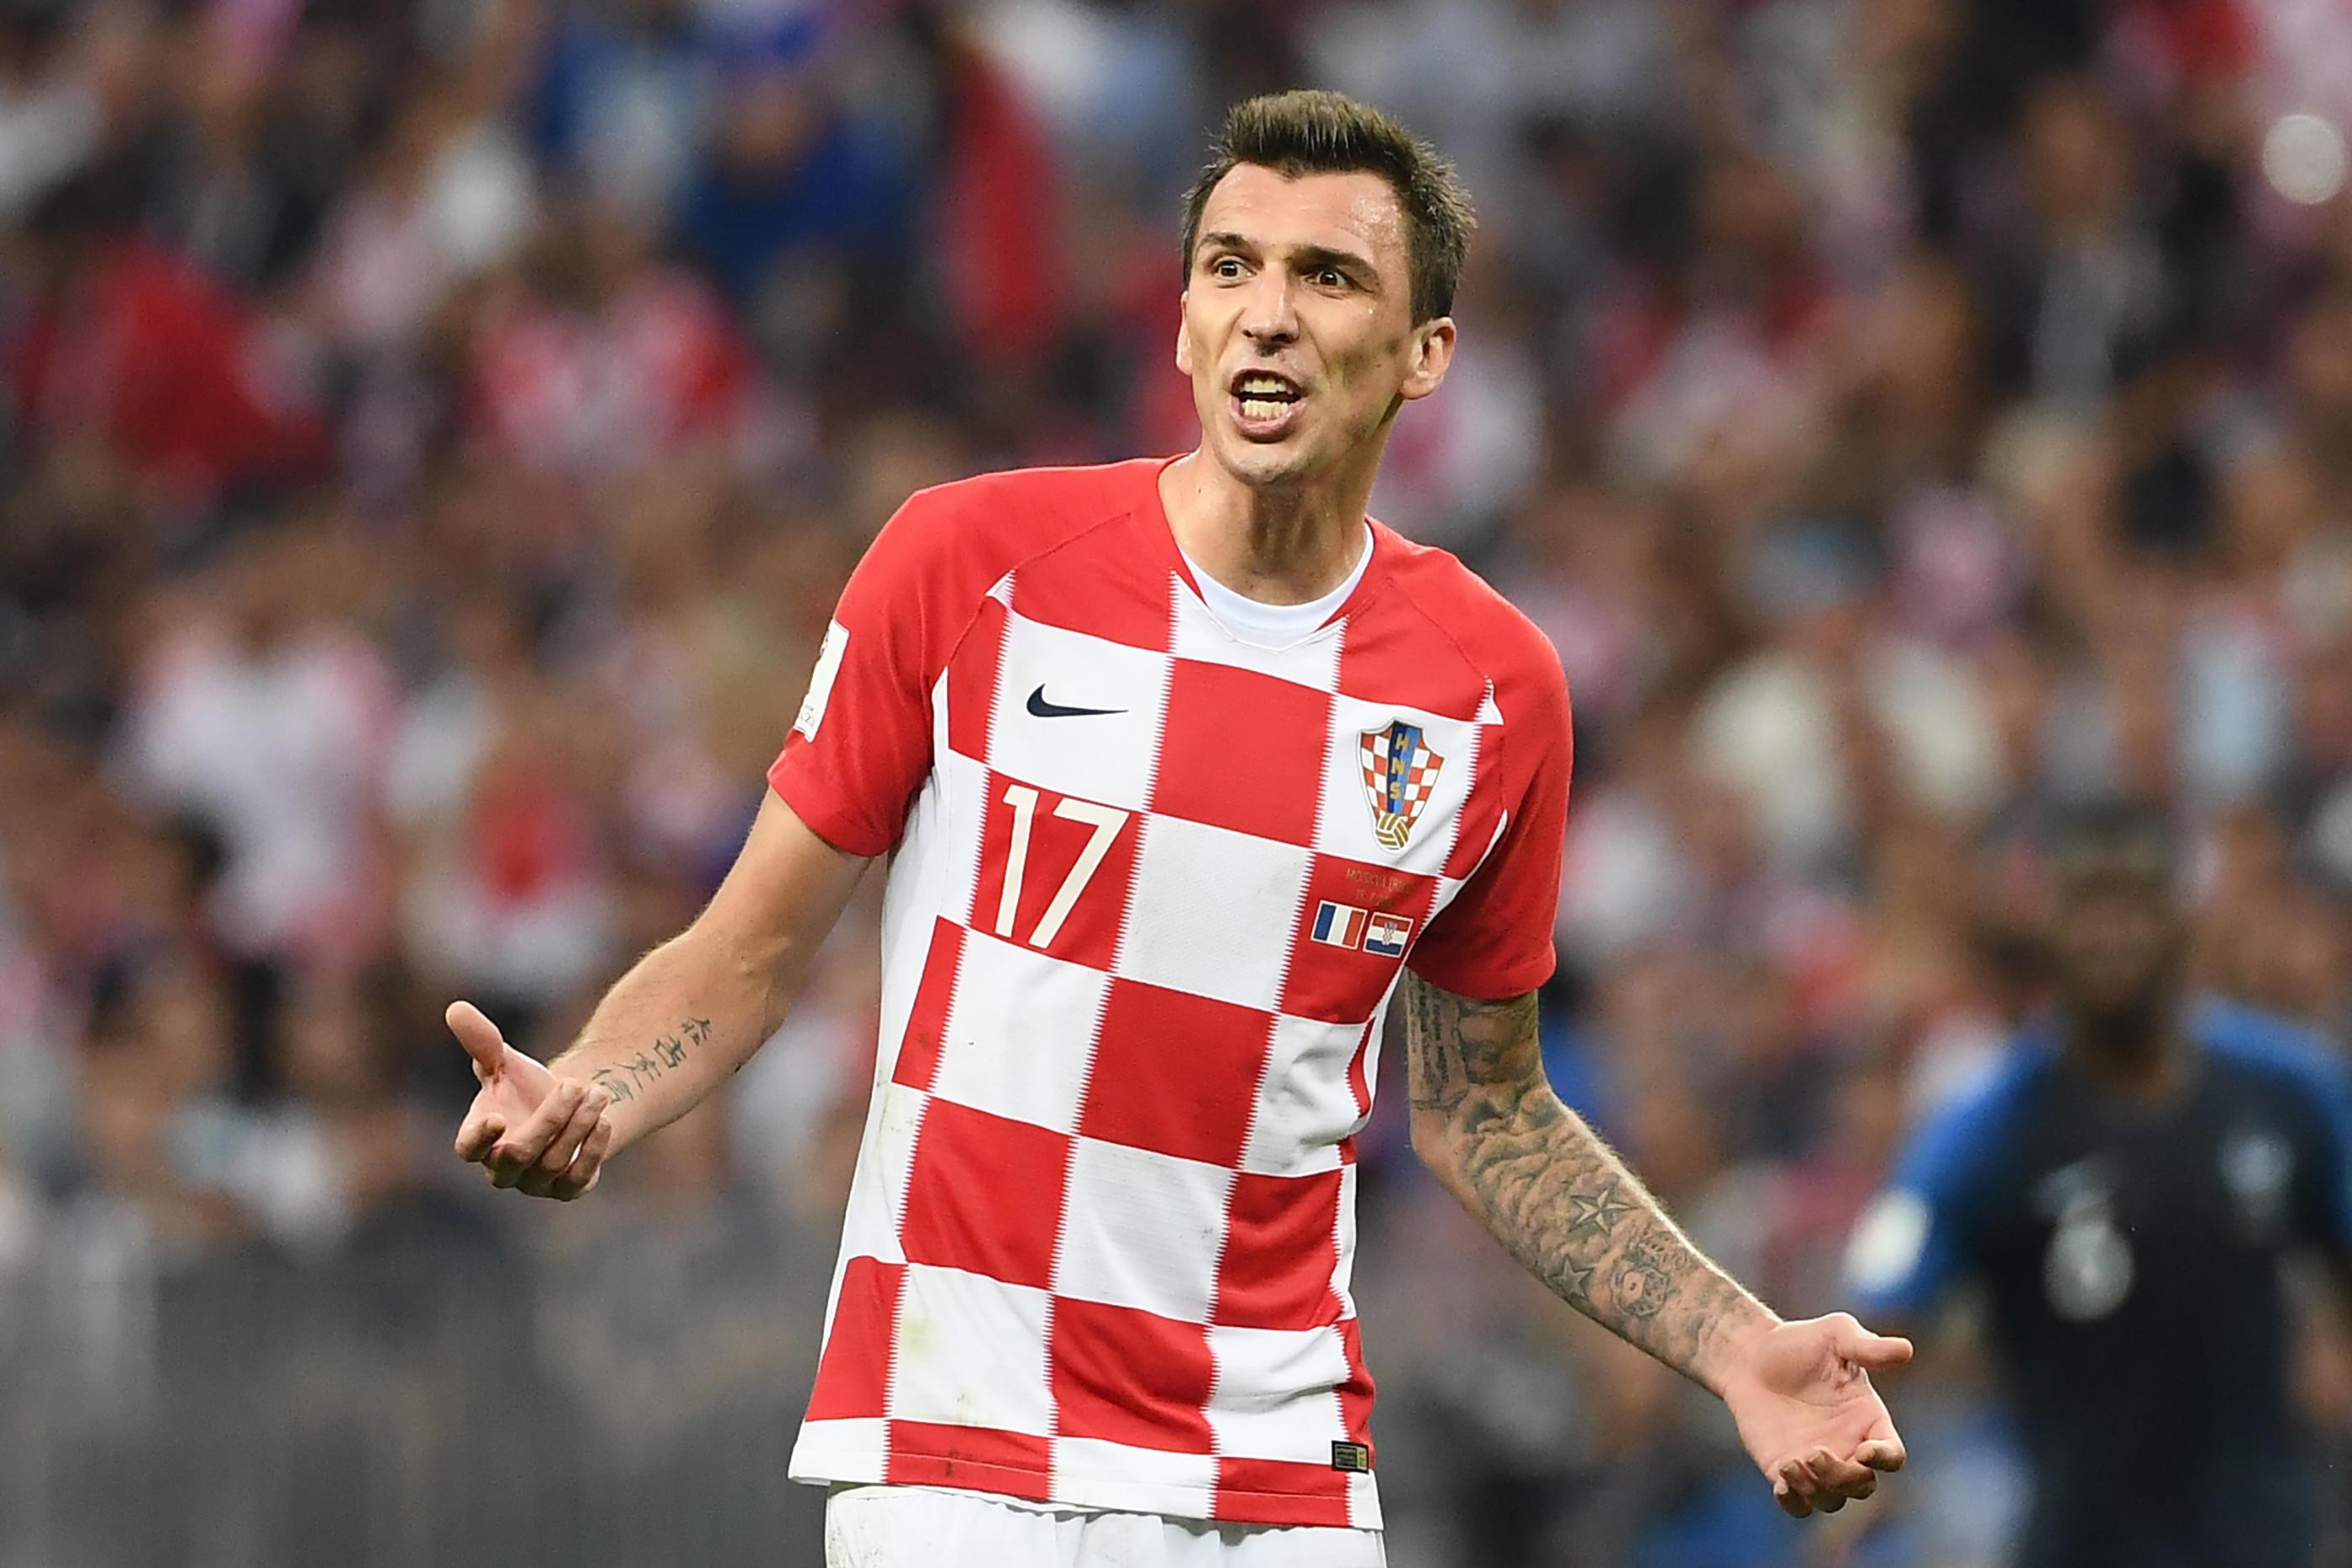 Chiusura in bellezza con la Croazia per Mario Mandzukic che, il 14 agosto, dice addio alla nazionale dopo il secondo posto ottenuto al Mondiale.